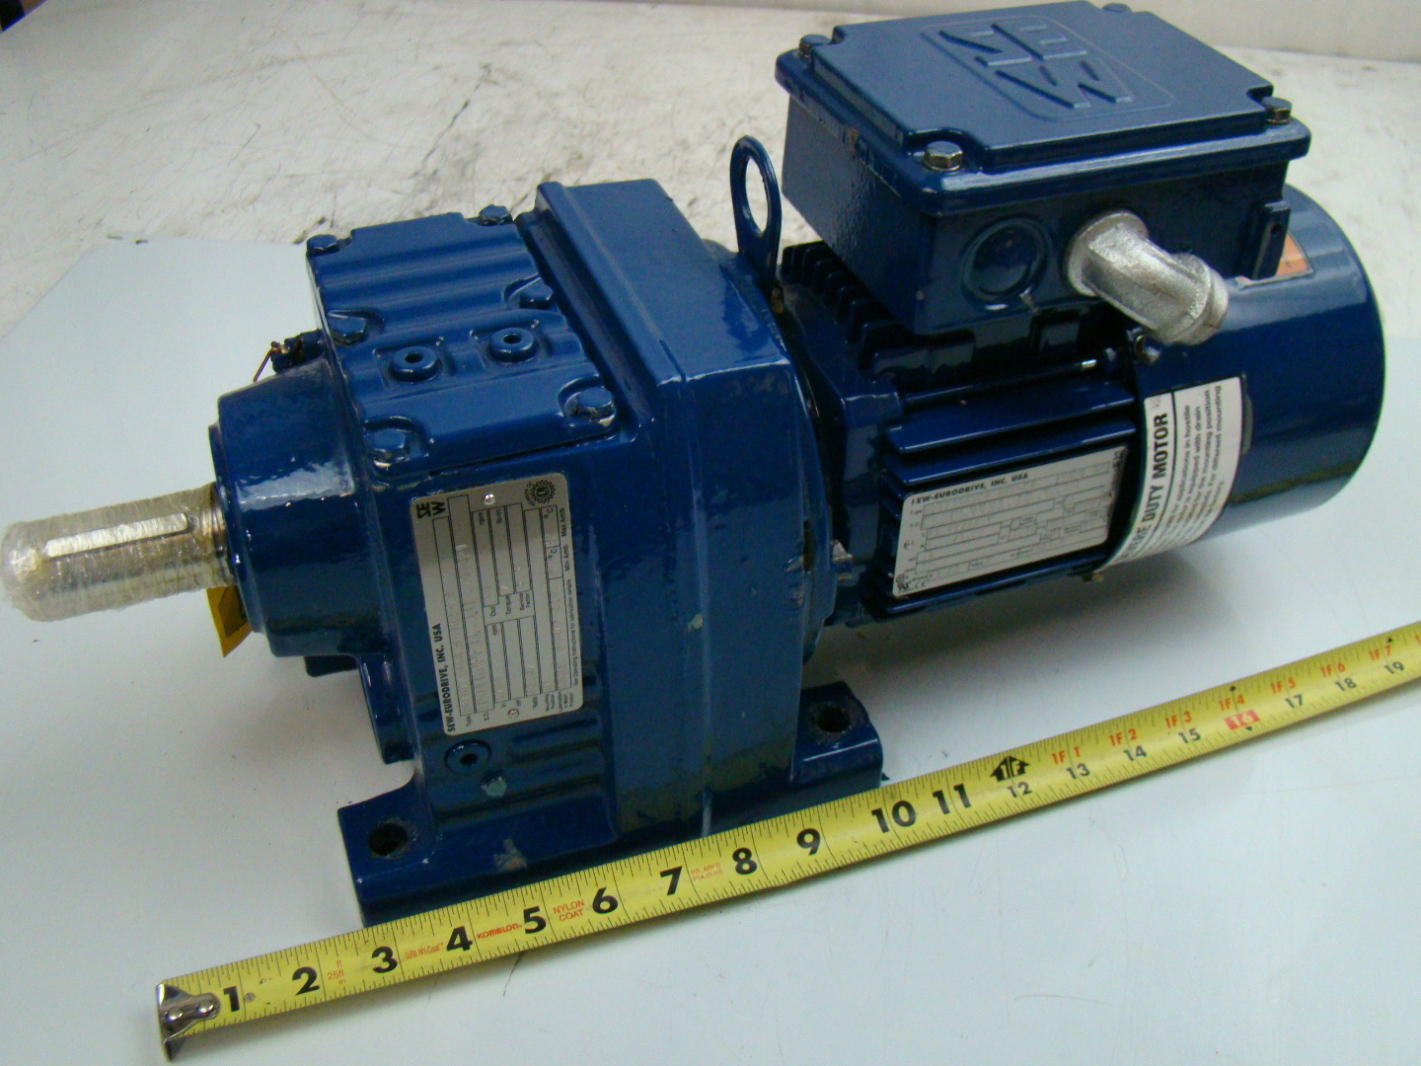 Sew Eurodrive 1 2 Hp 1700 Rpm Gear Motor Dft71d4bmg05hr Ks